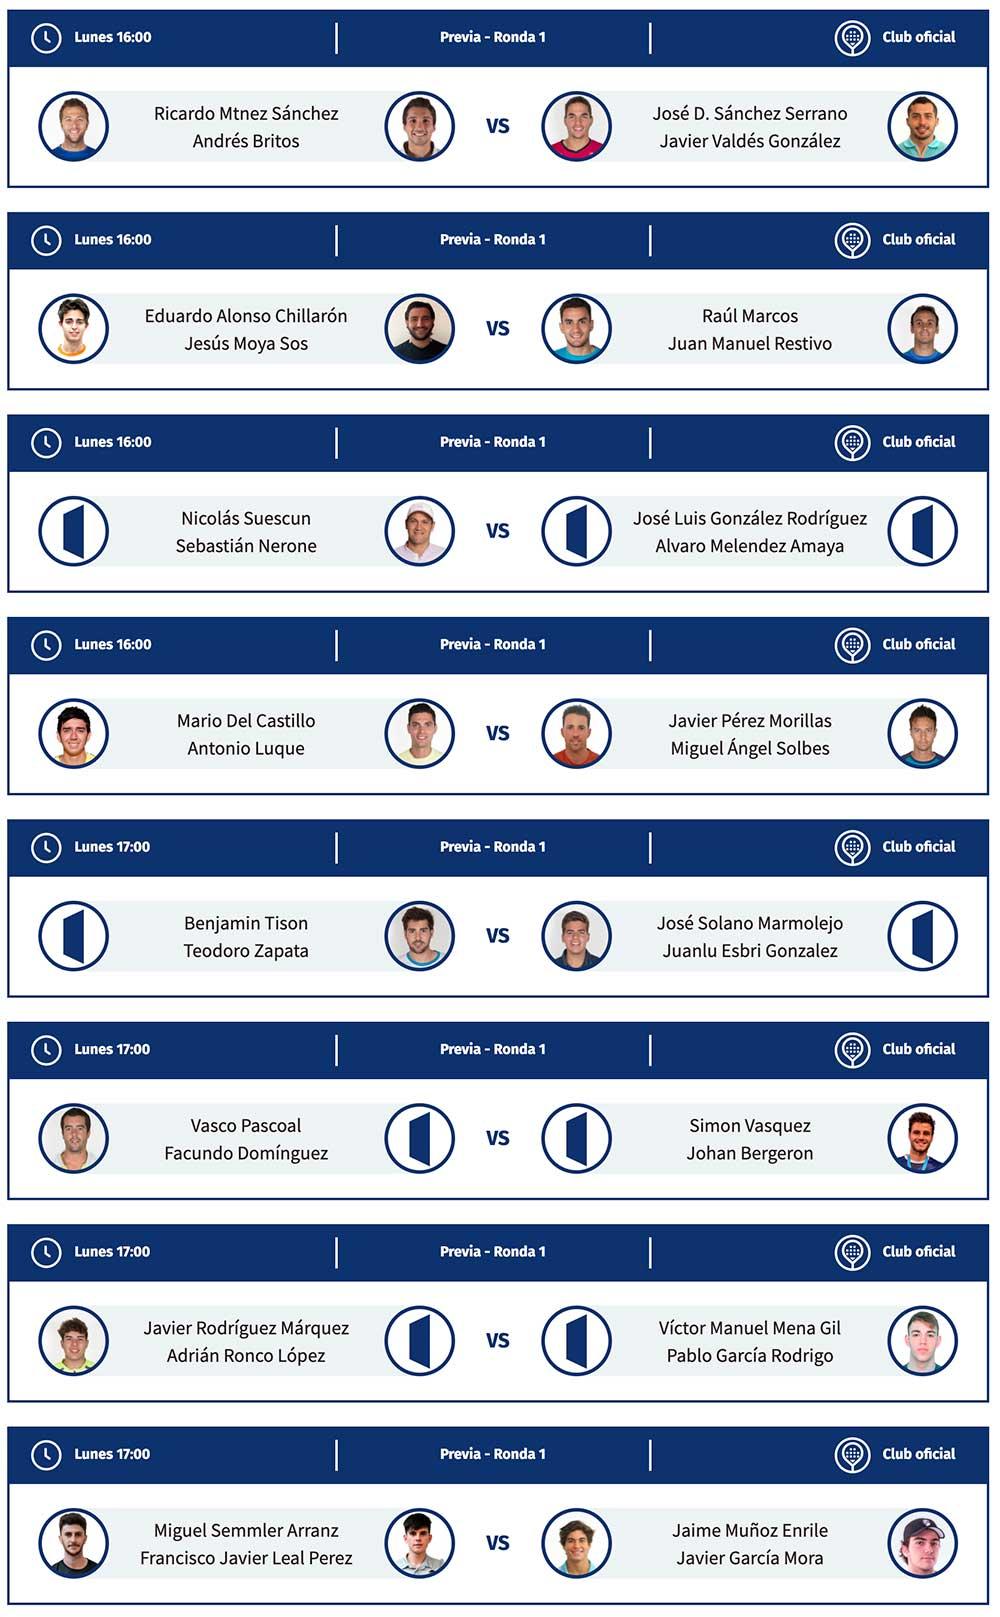 Primera ronda de la previa masculina del Santander Open 2021